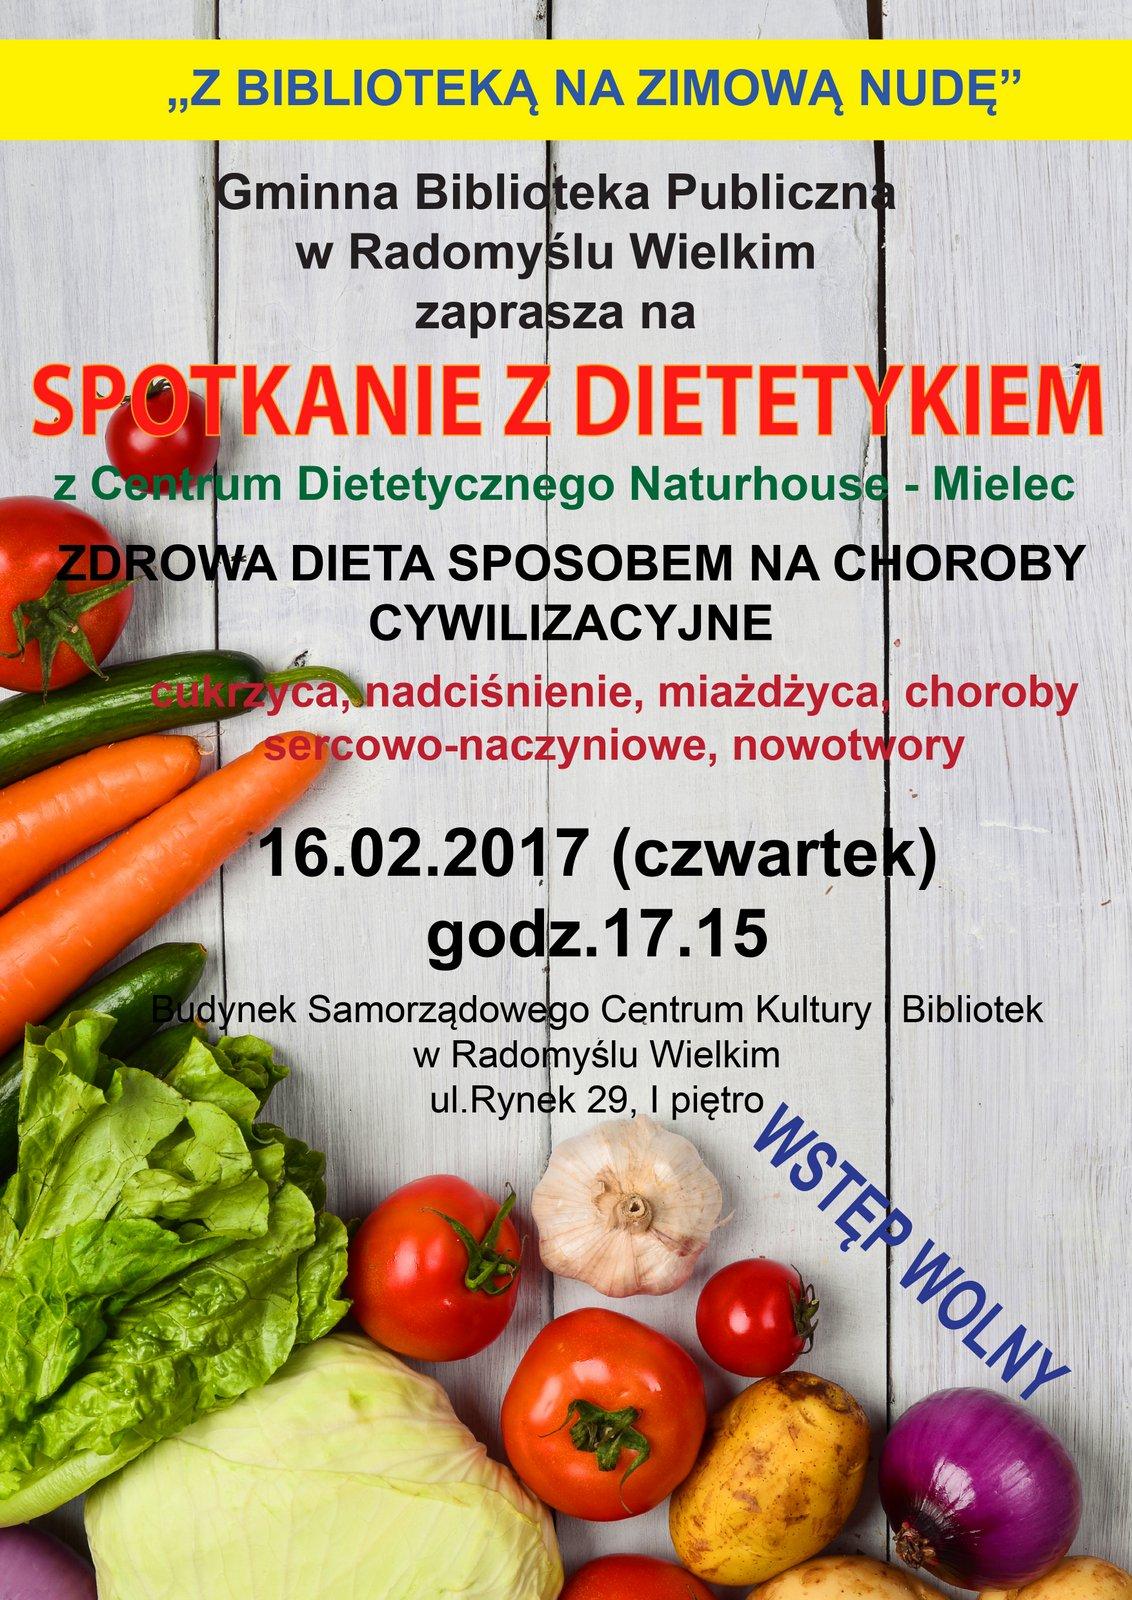 SPOTKANIE Z DIETETYKIEM cz.II